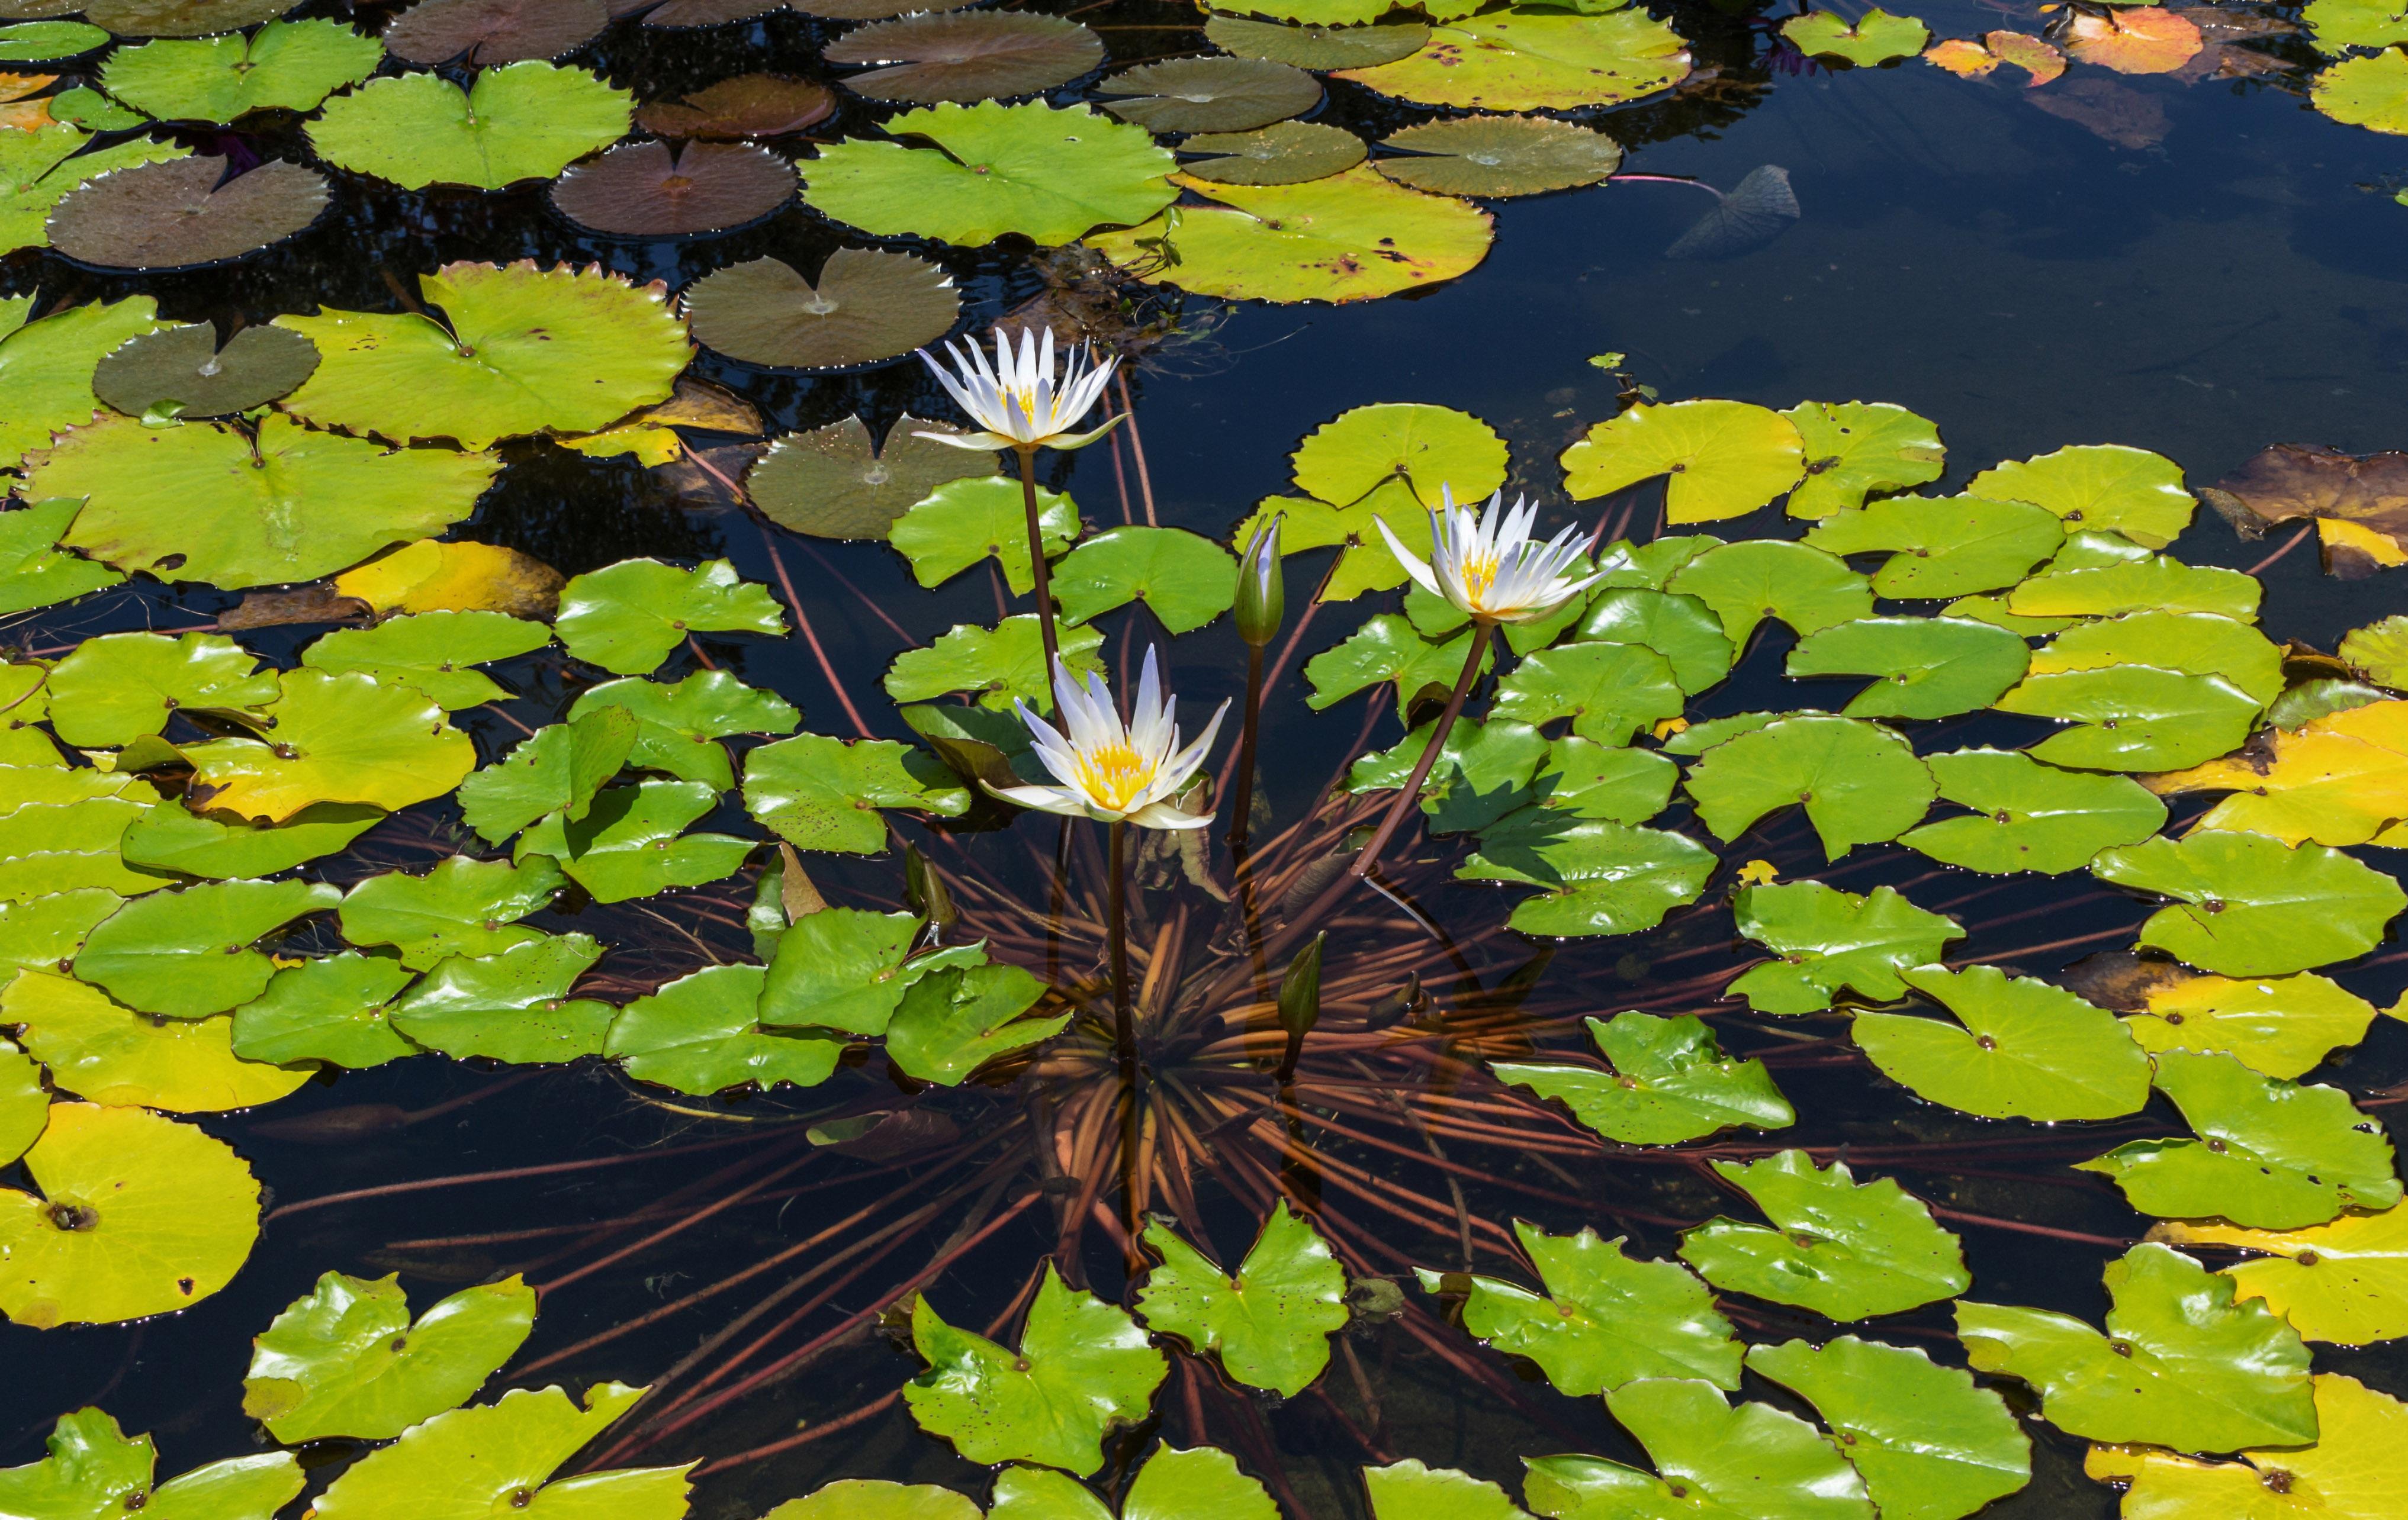 еще адвокат растения пресноводных водоемов фото вороне близко